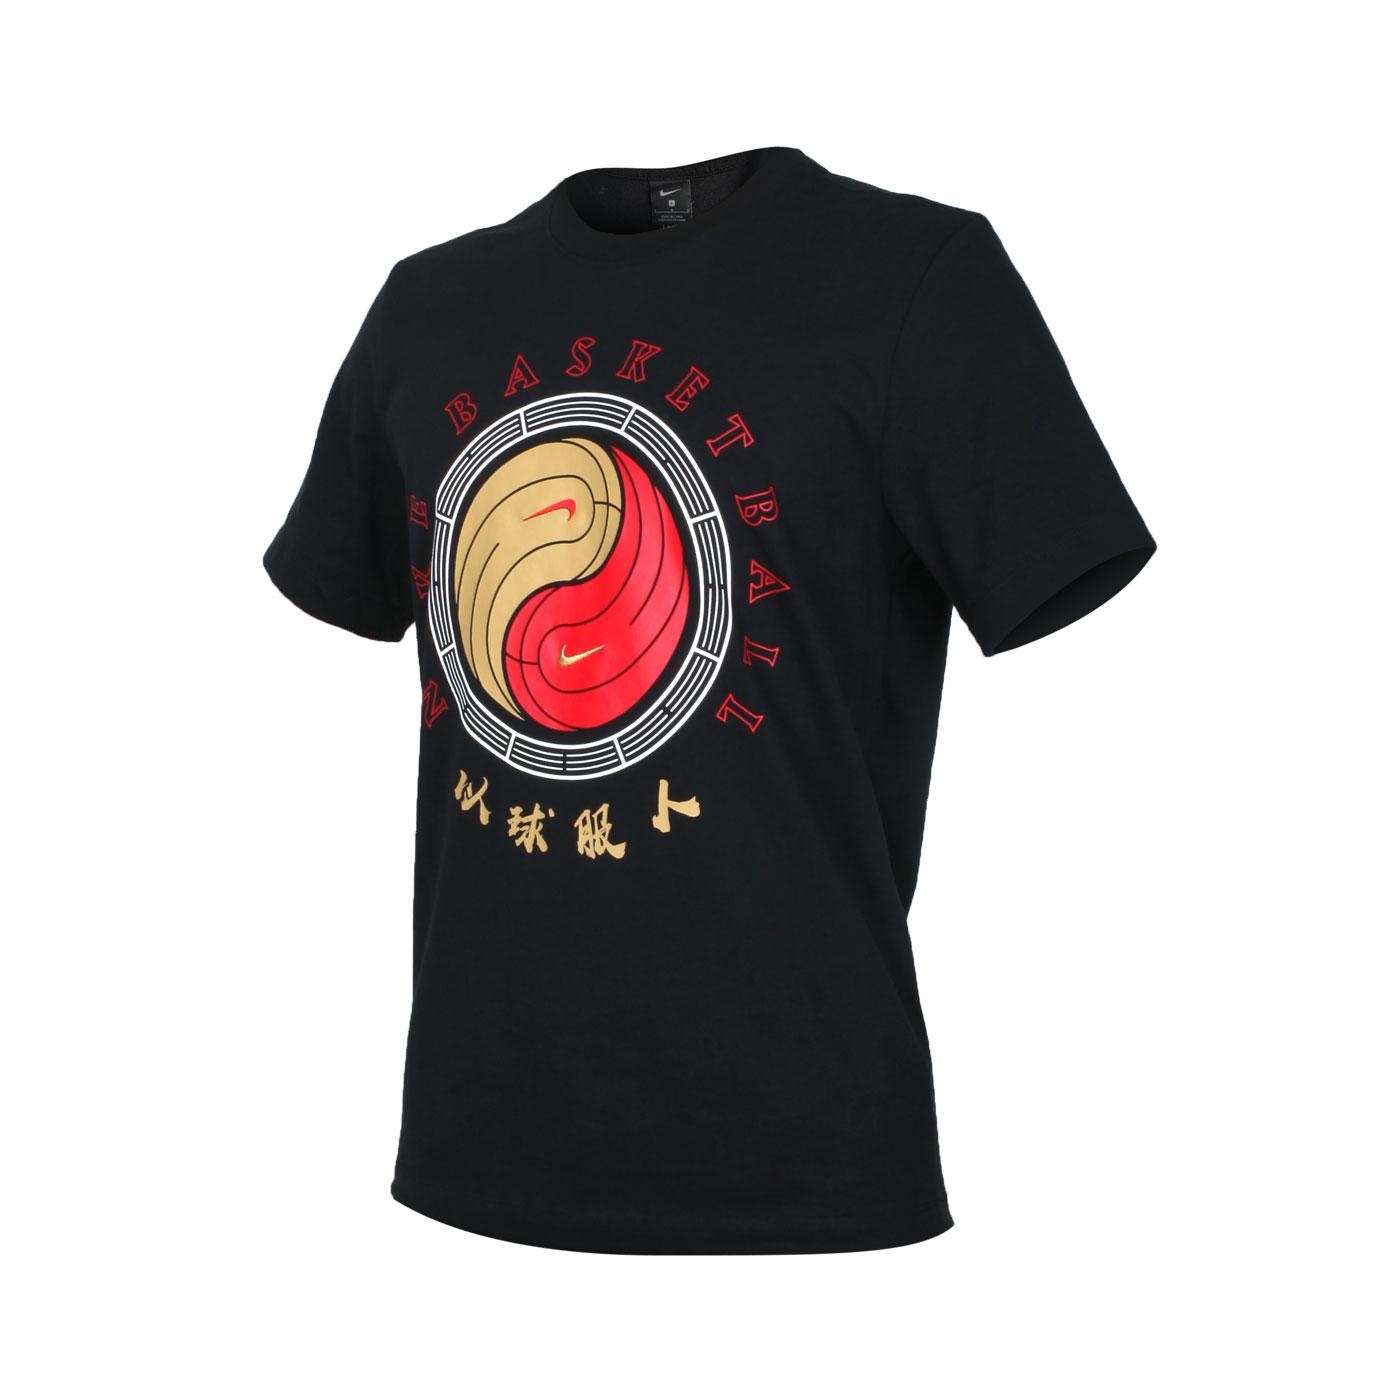 NIKE 男款短袖T恤 CD1130-010 - 黑白紅金